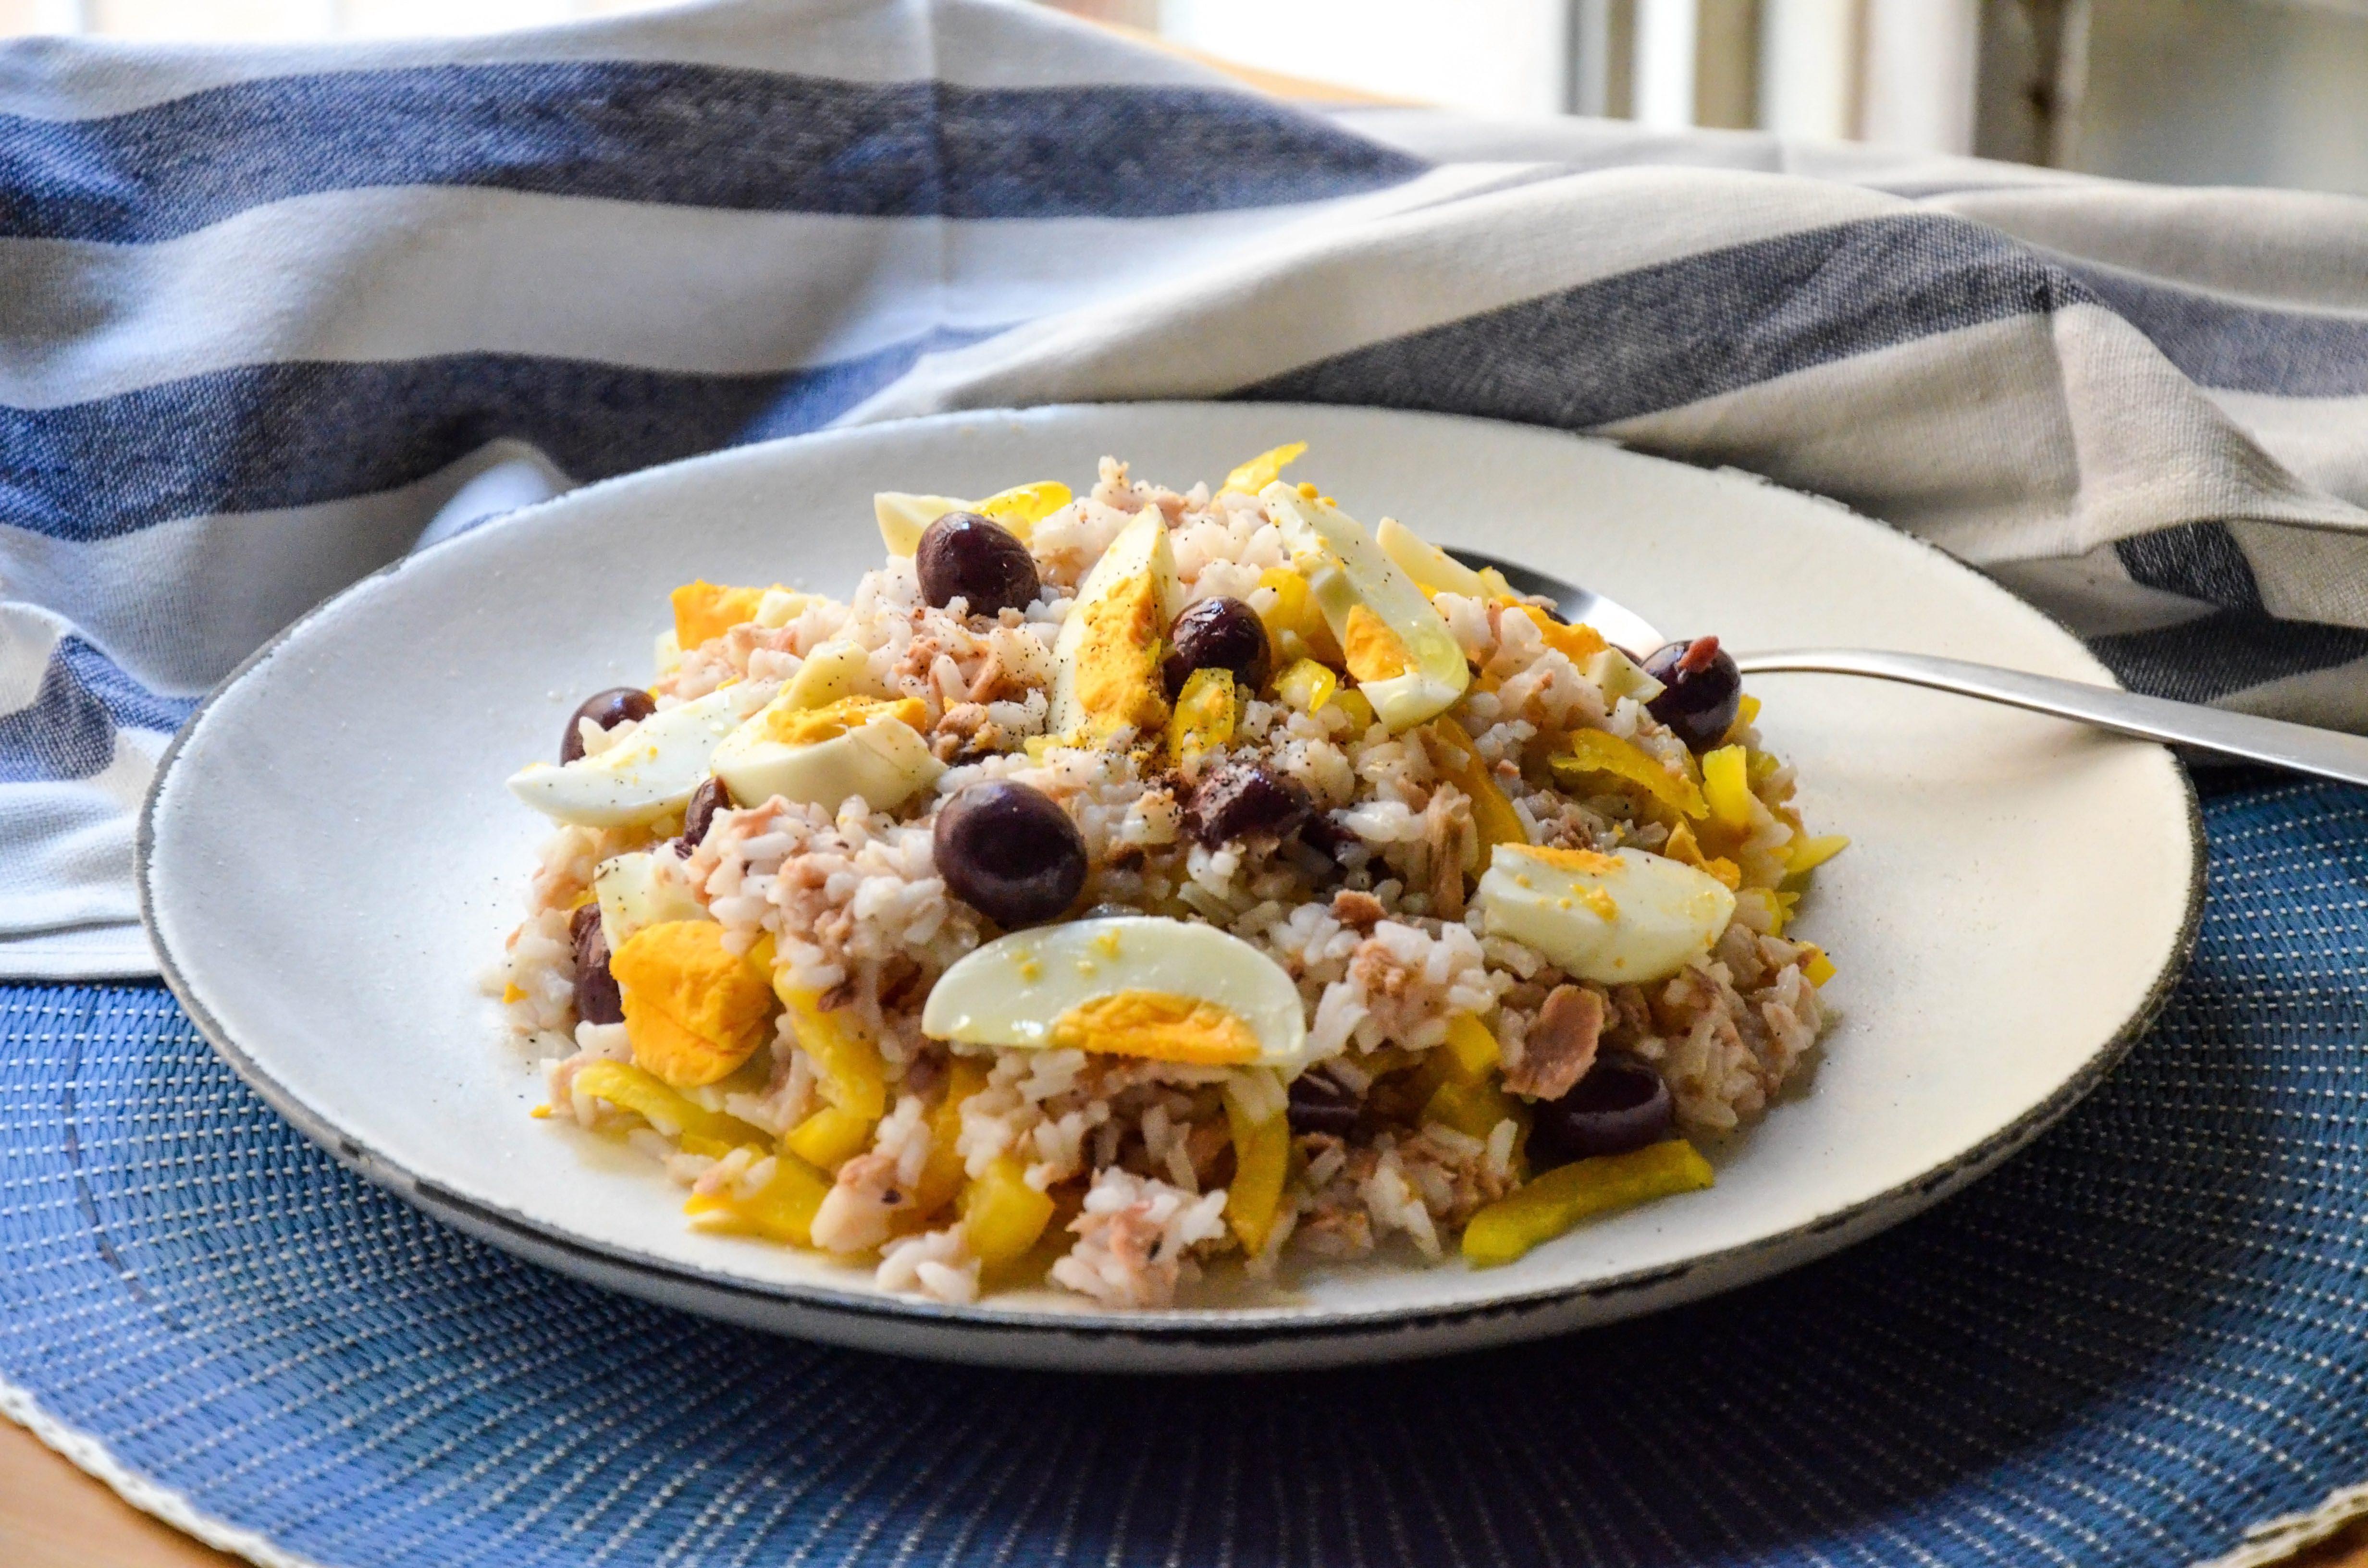 Insalata di riso alla nizzarda: la ricetta del piatto unico veloce e gustoso